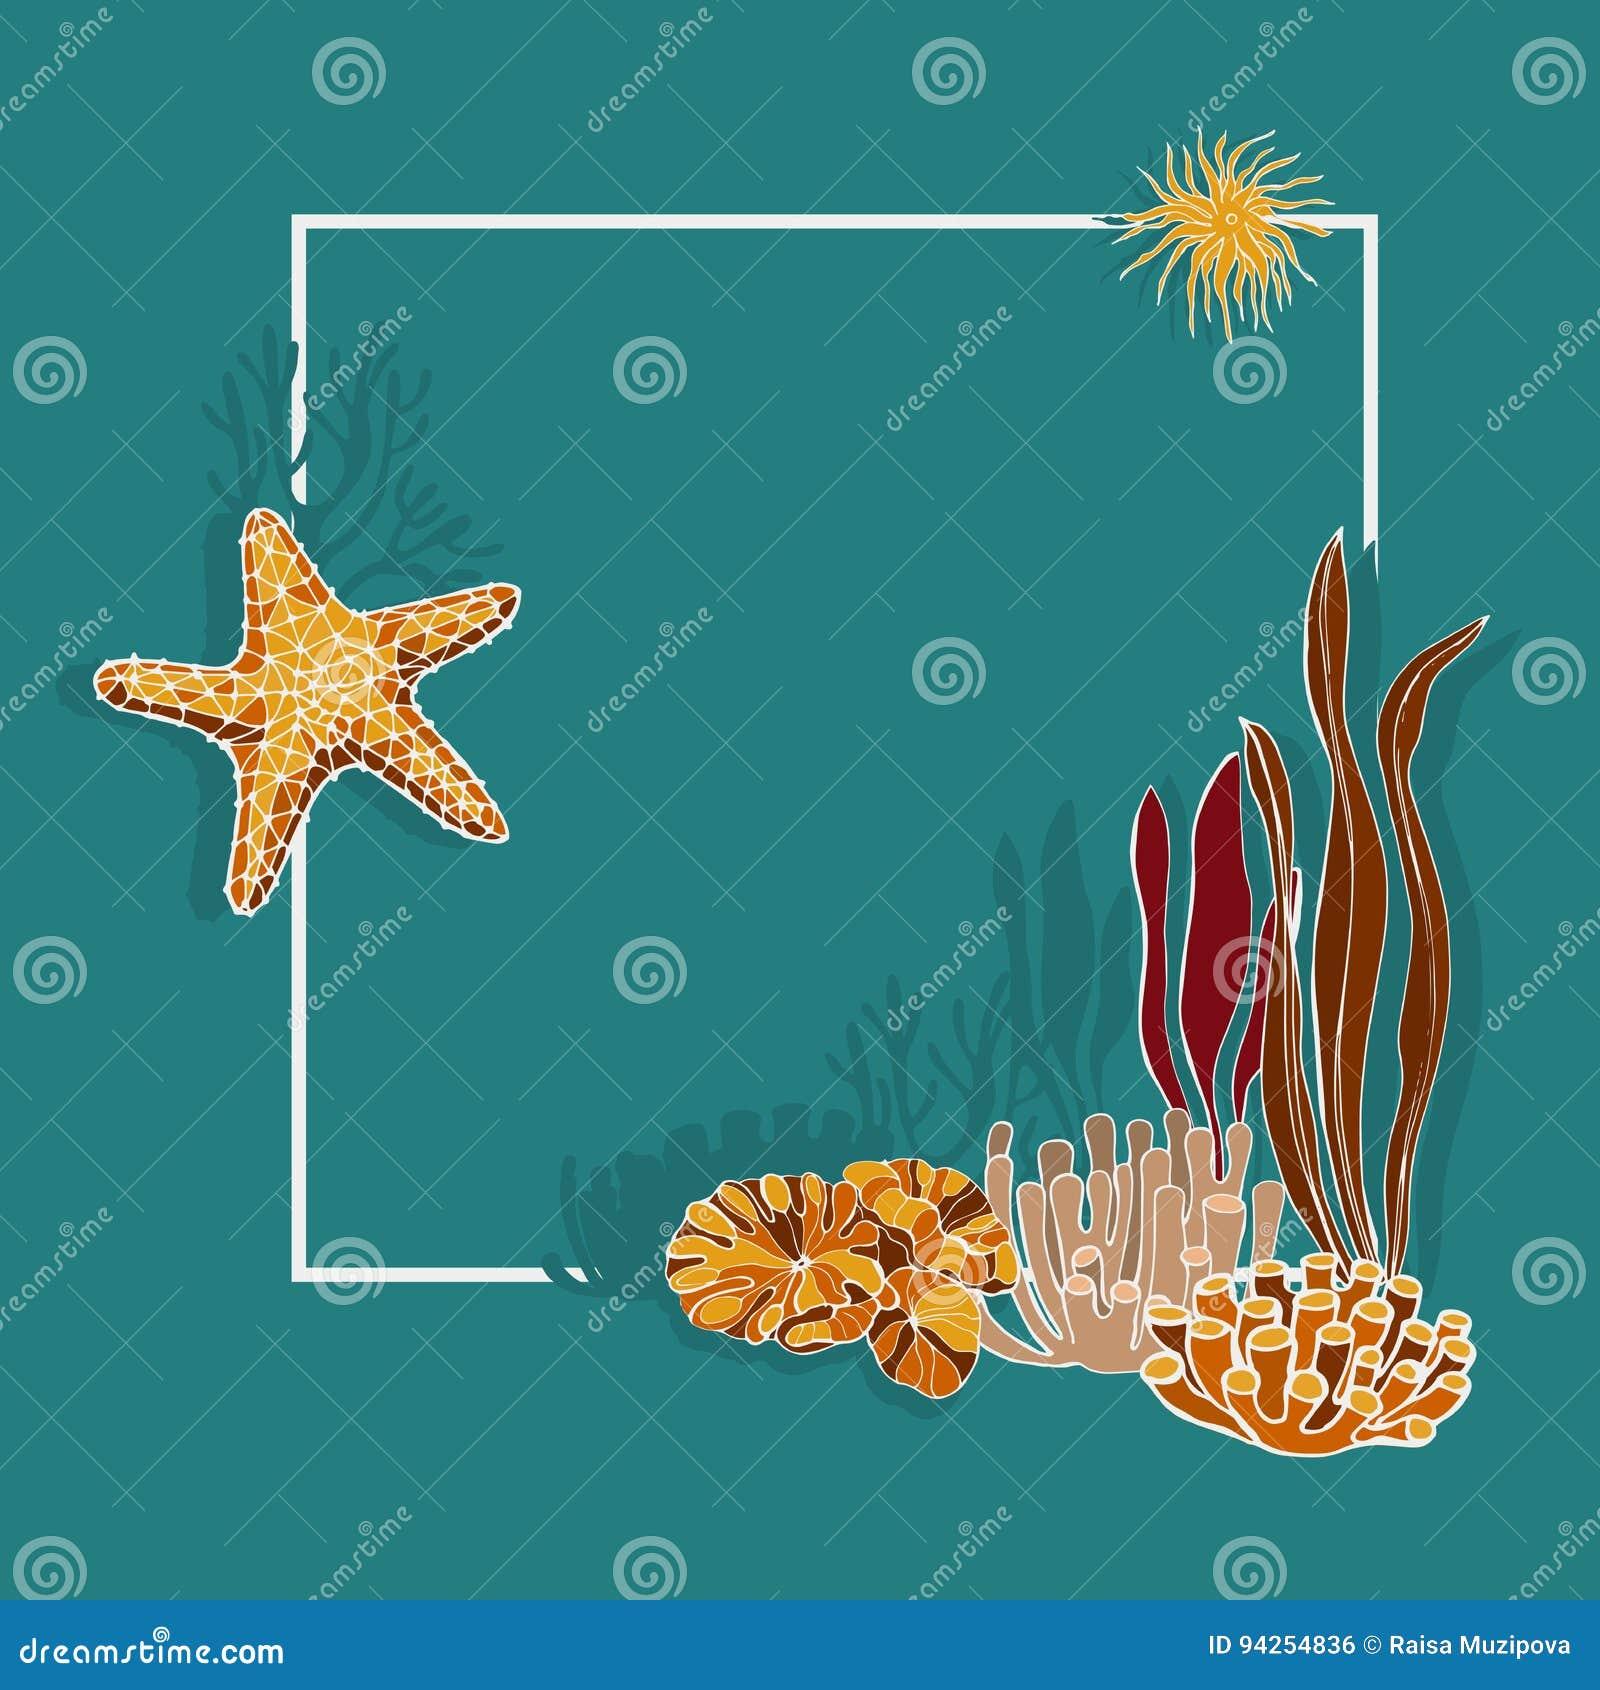 Alghe Coralli E Stelle Marine Fondo Di Vettore Illustrazione Di